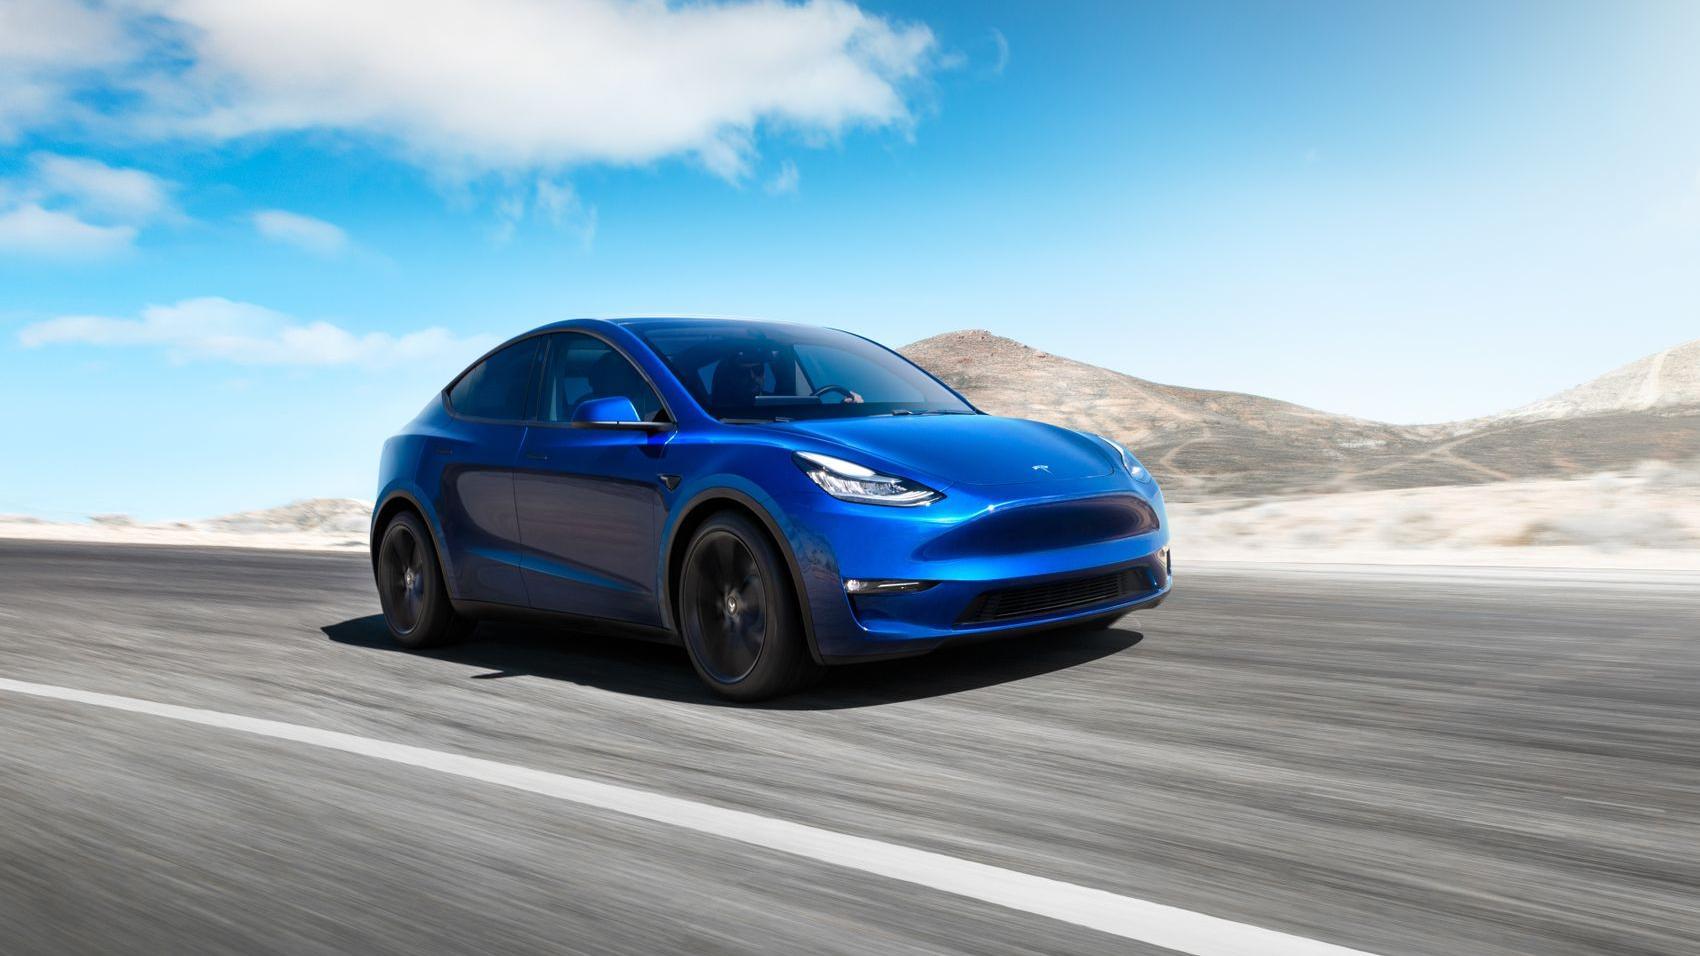 Tesla Model Y bekreftes til Norge i august